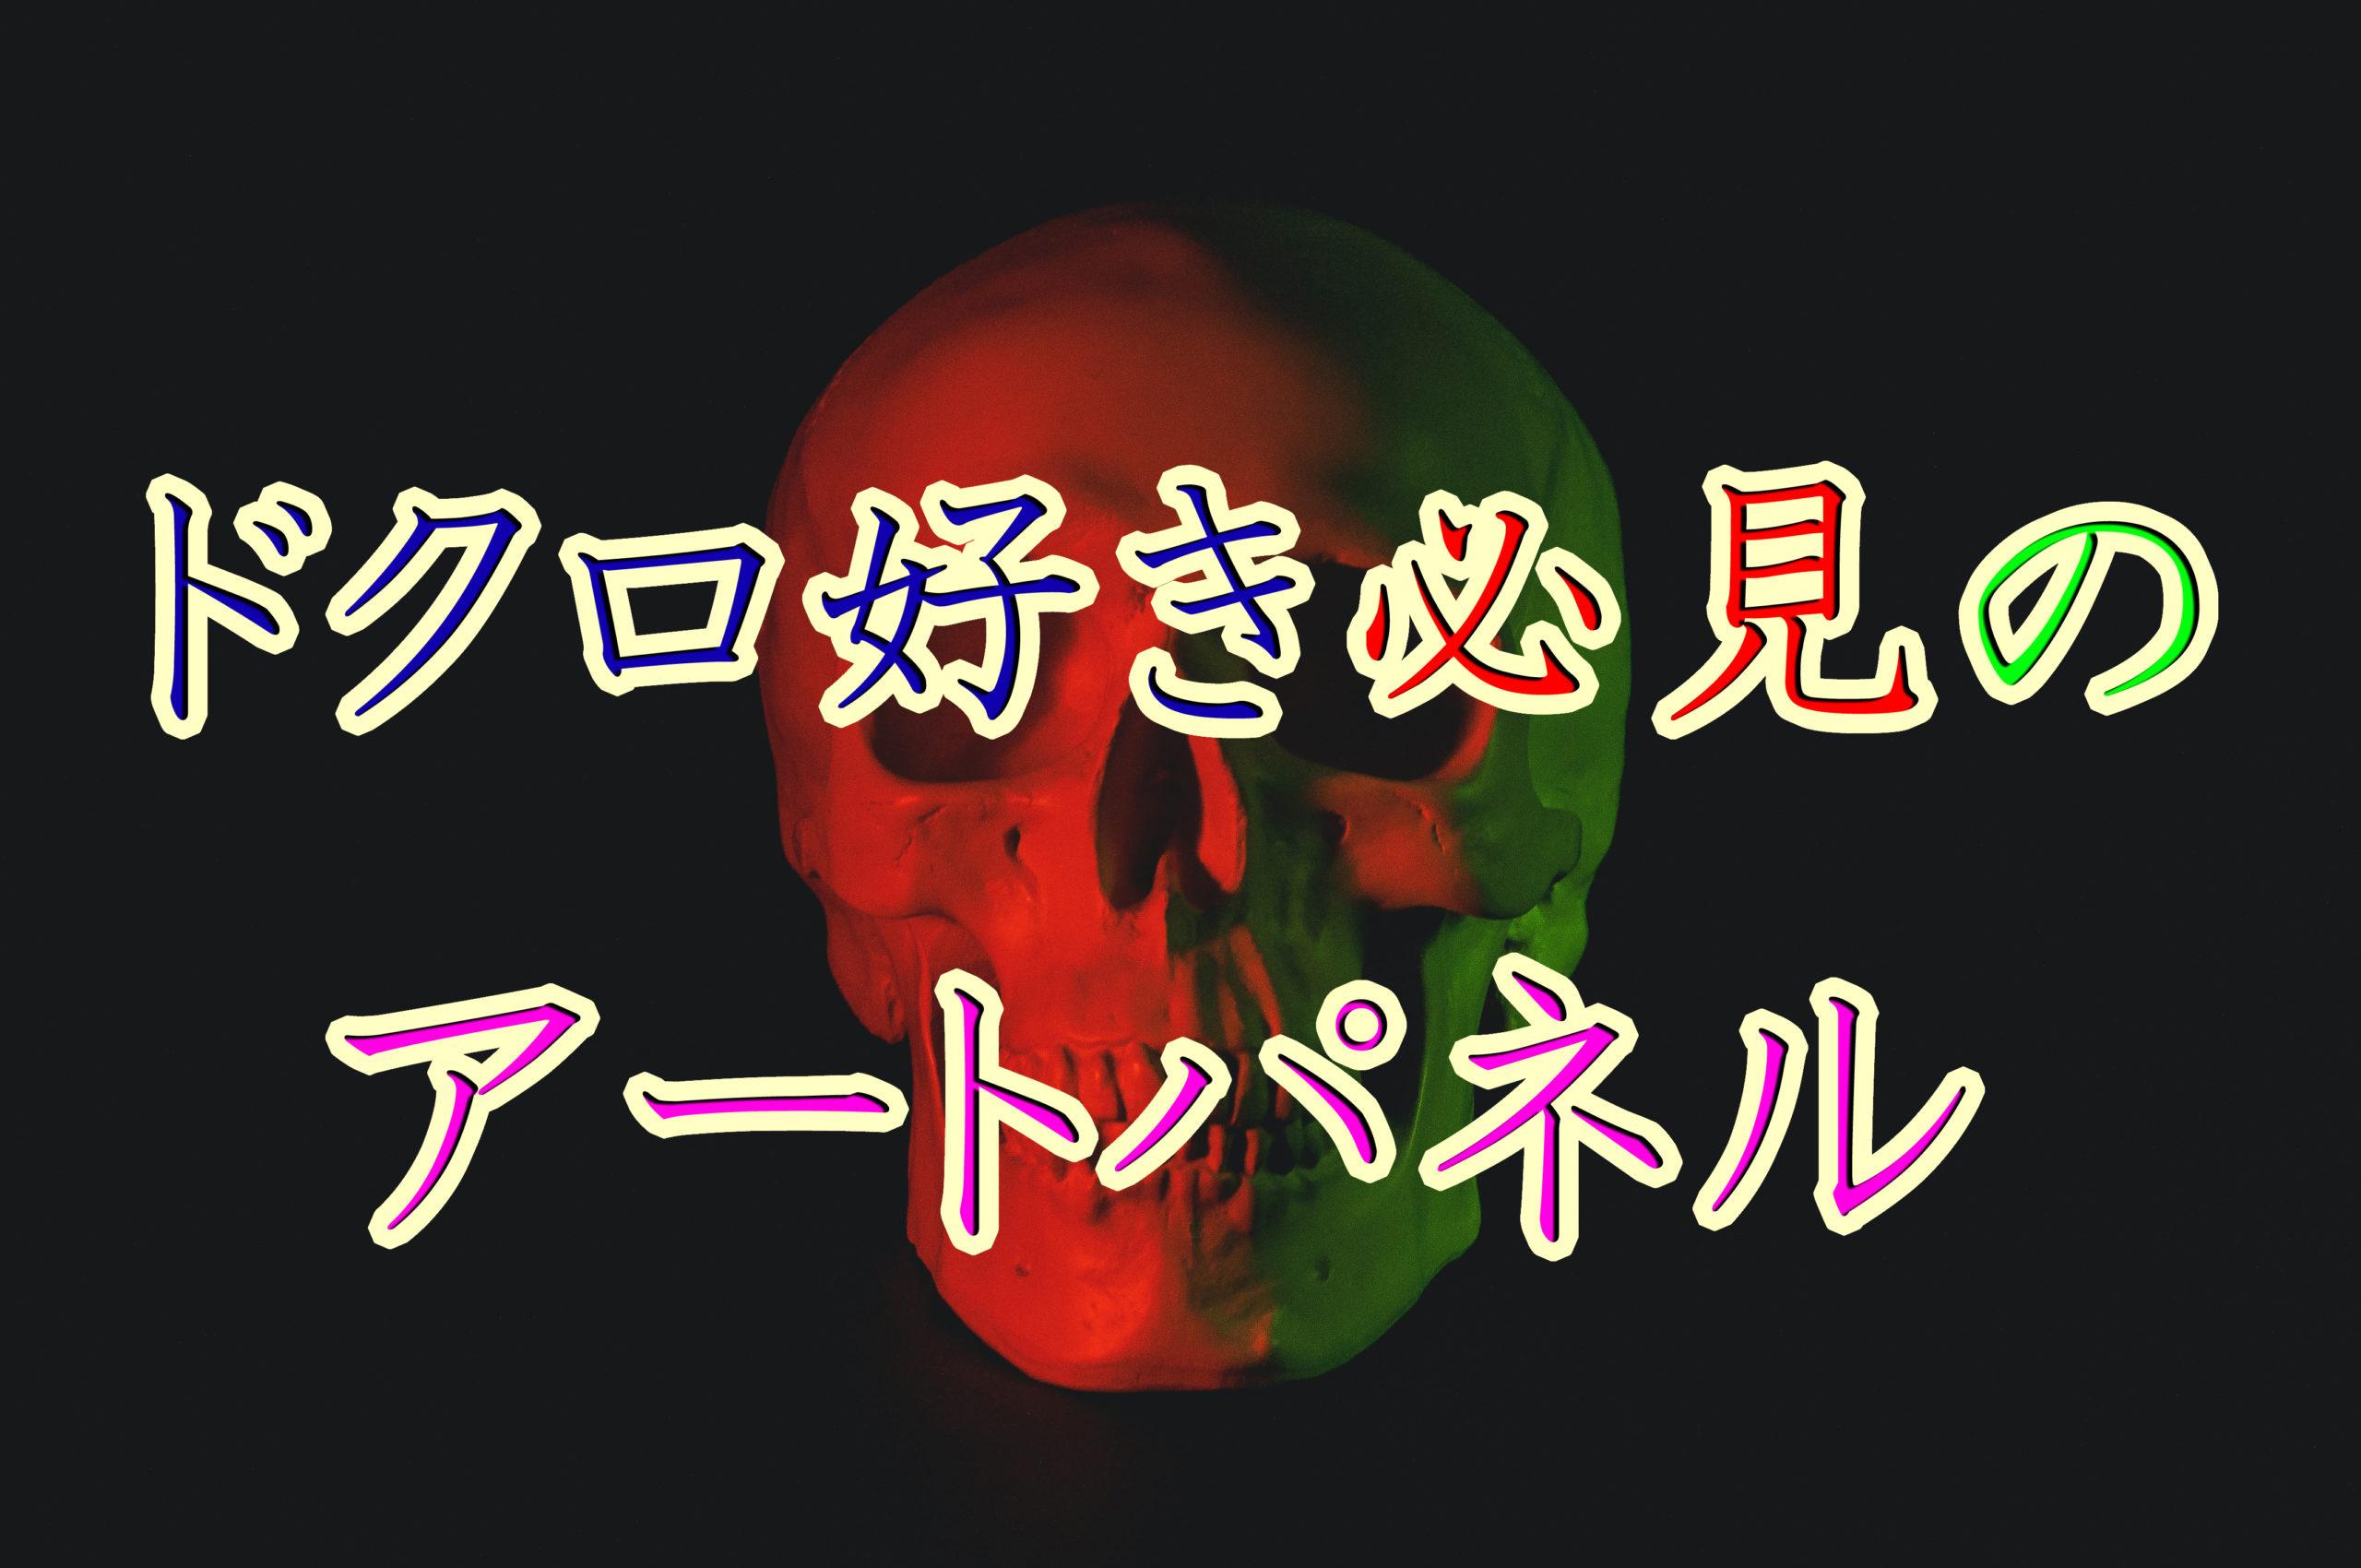 髑髏(ドクロ)好き必見のアートパネル【おしゃれに飾れるドクロコーディネート】